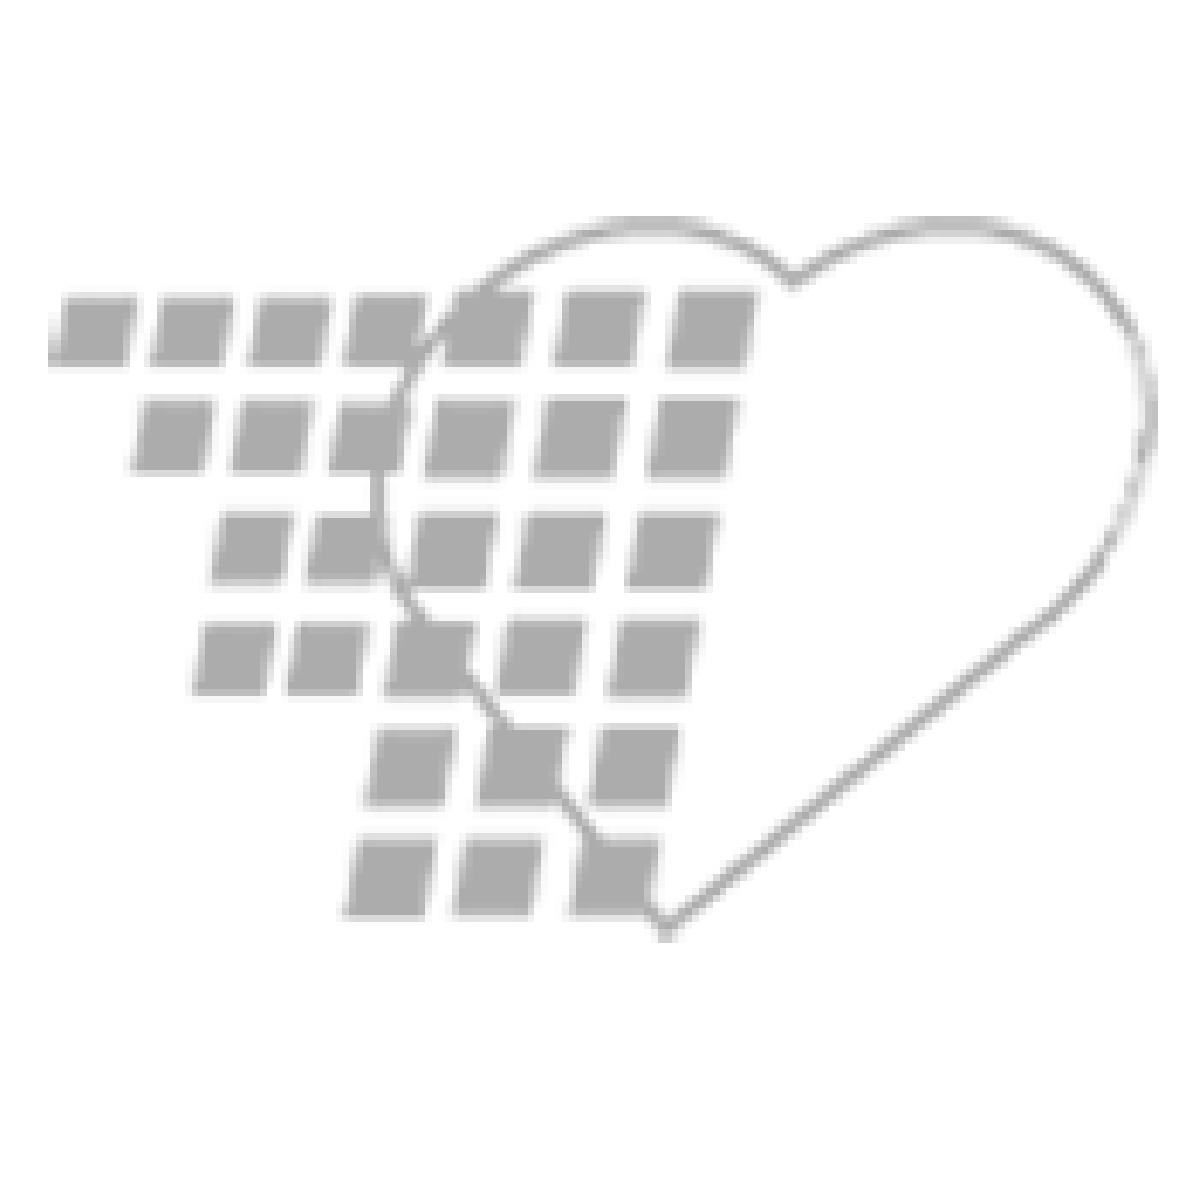 05-68-3112 - Inner-Lip Plate - Sandstone